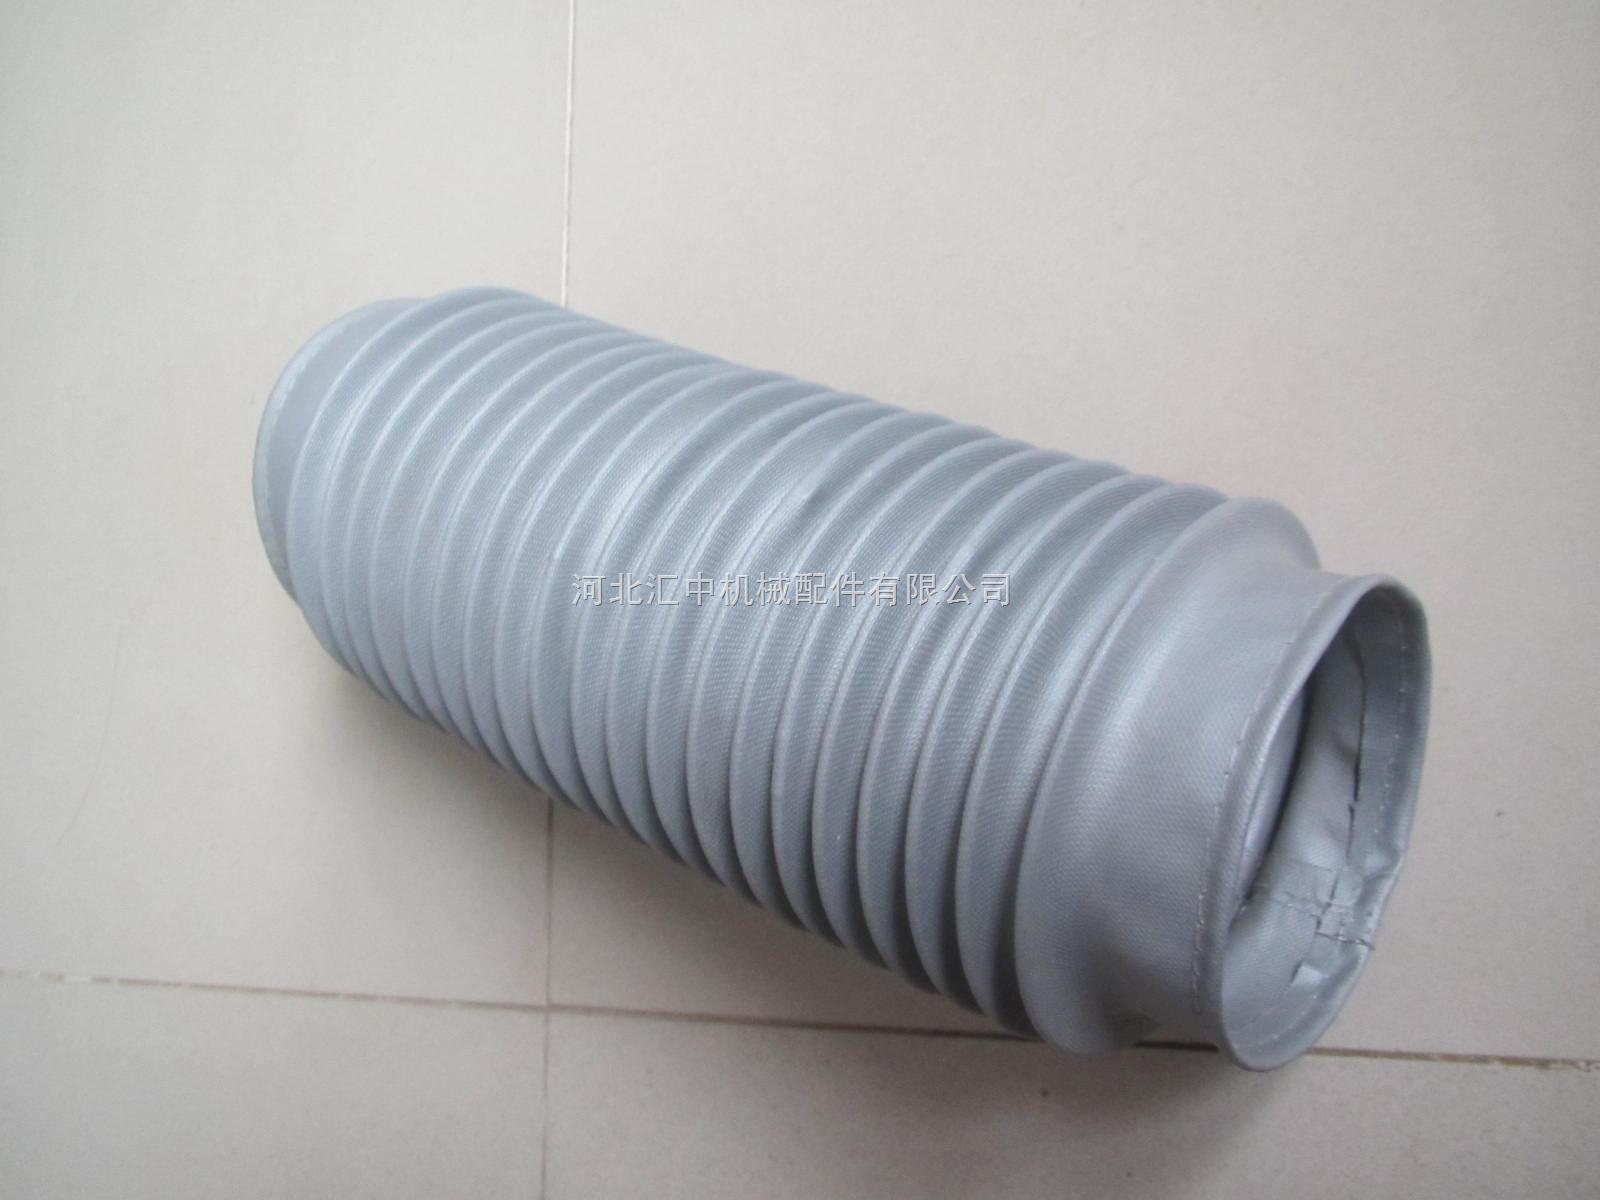 气缸保护套 气缸防尘套 气缸防护罩,汇中更齐全